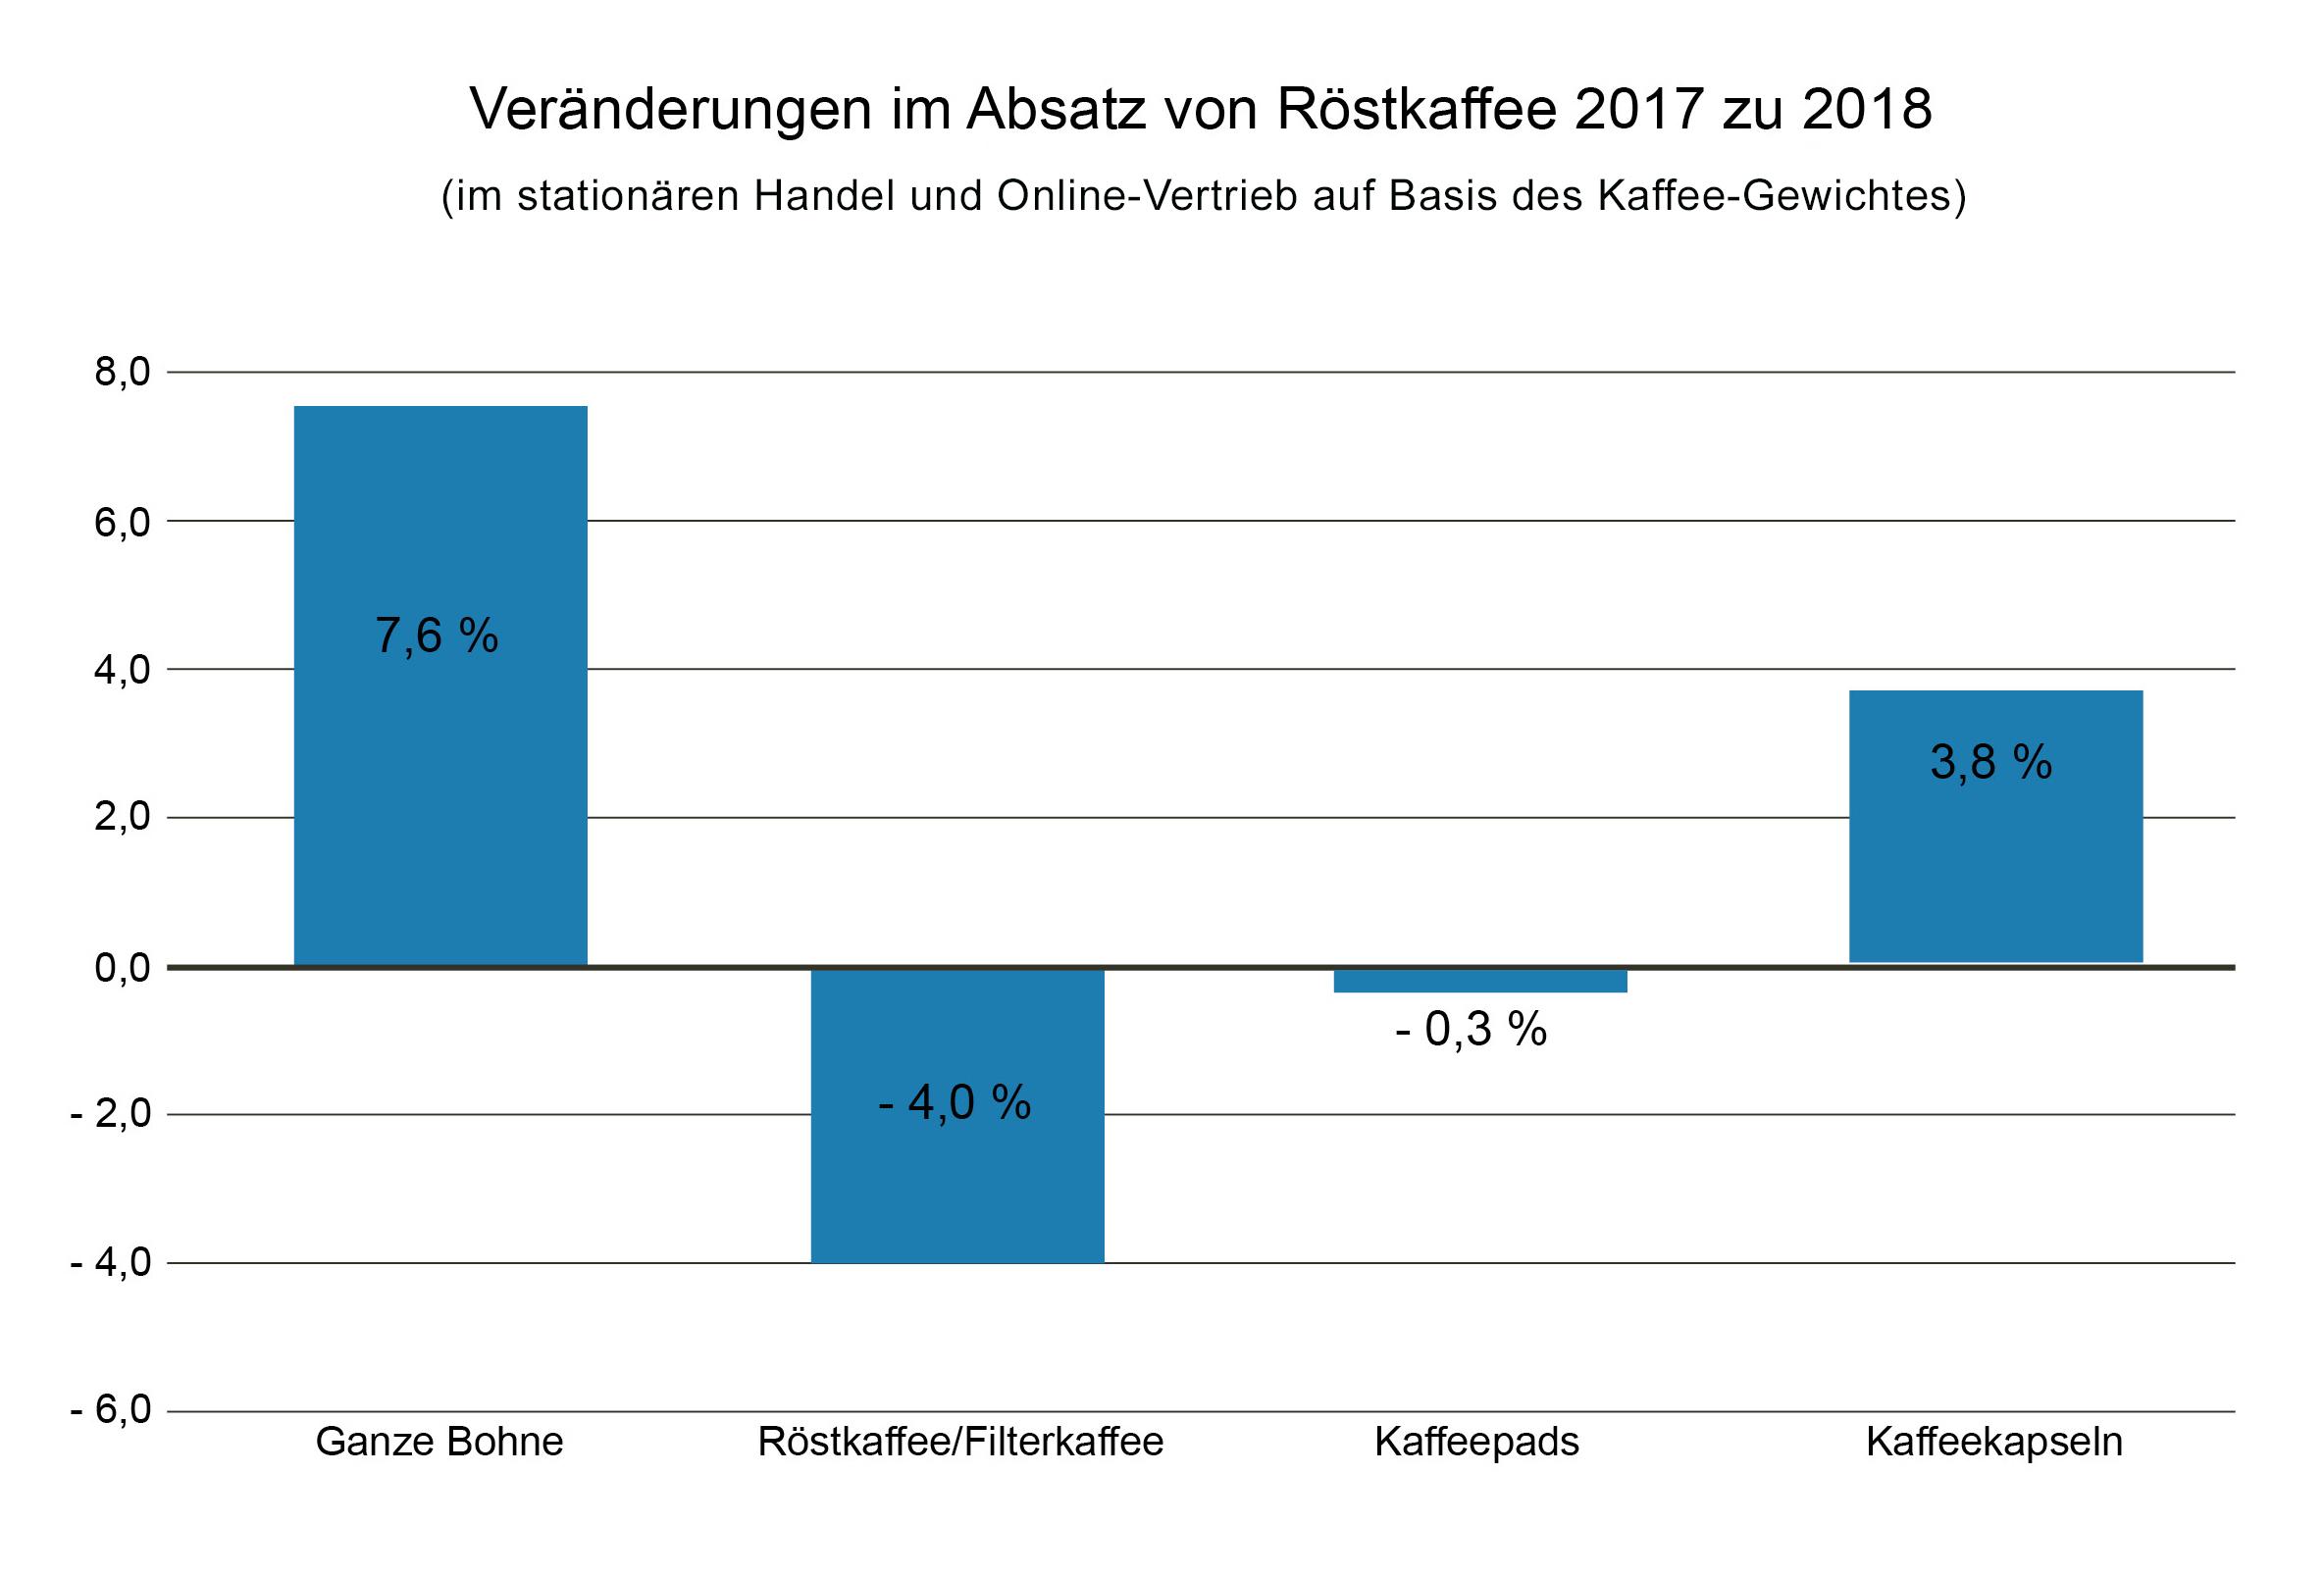 Deutscher Kaffeemarkt 2018 leicht gewachsen: Vor allem Einzelzubereitungen stehen weiter hoch im Kurs